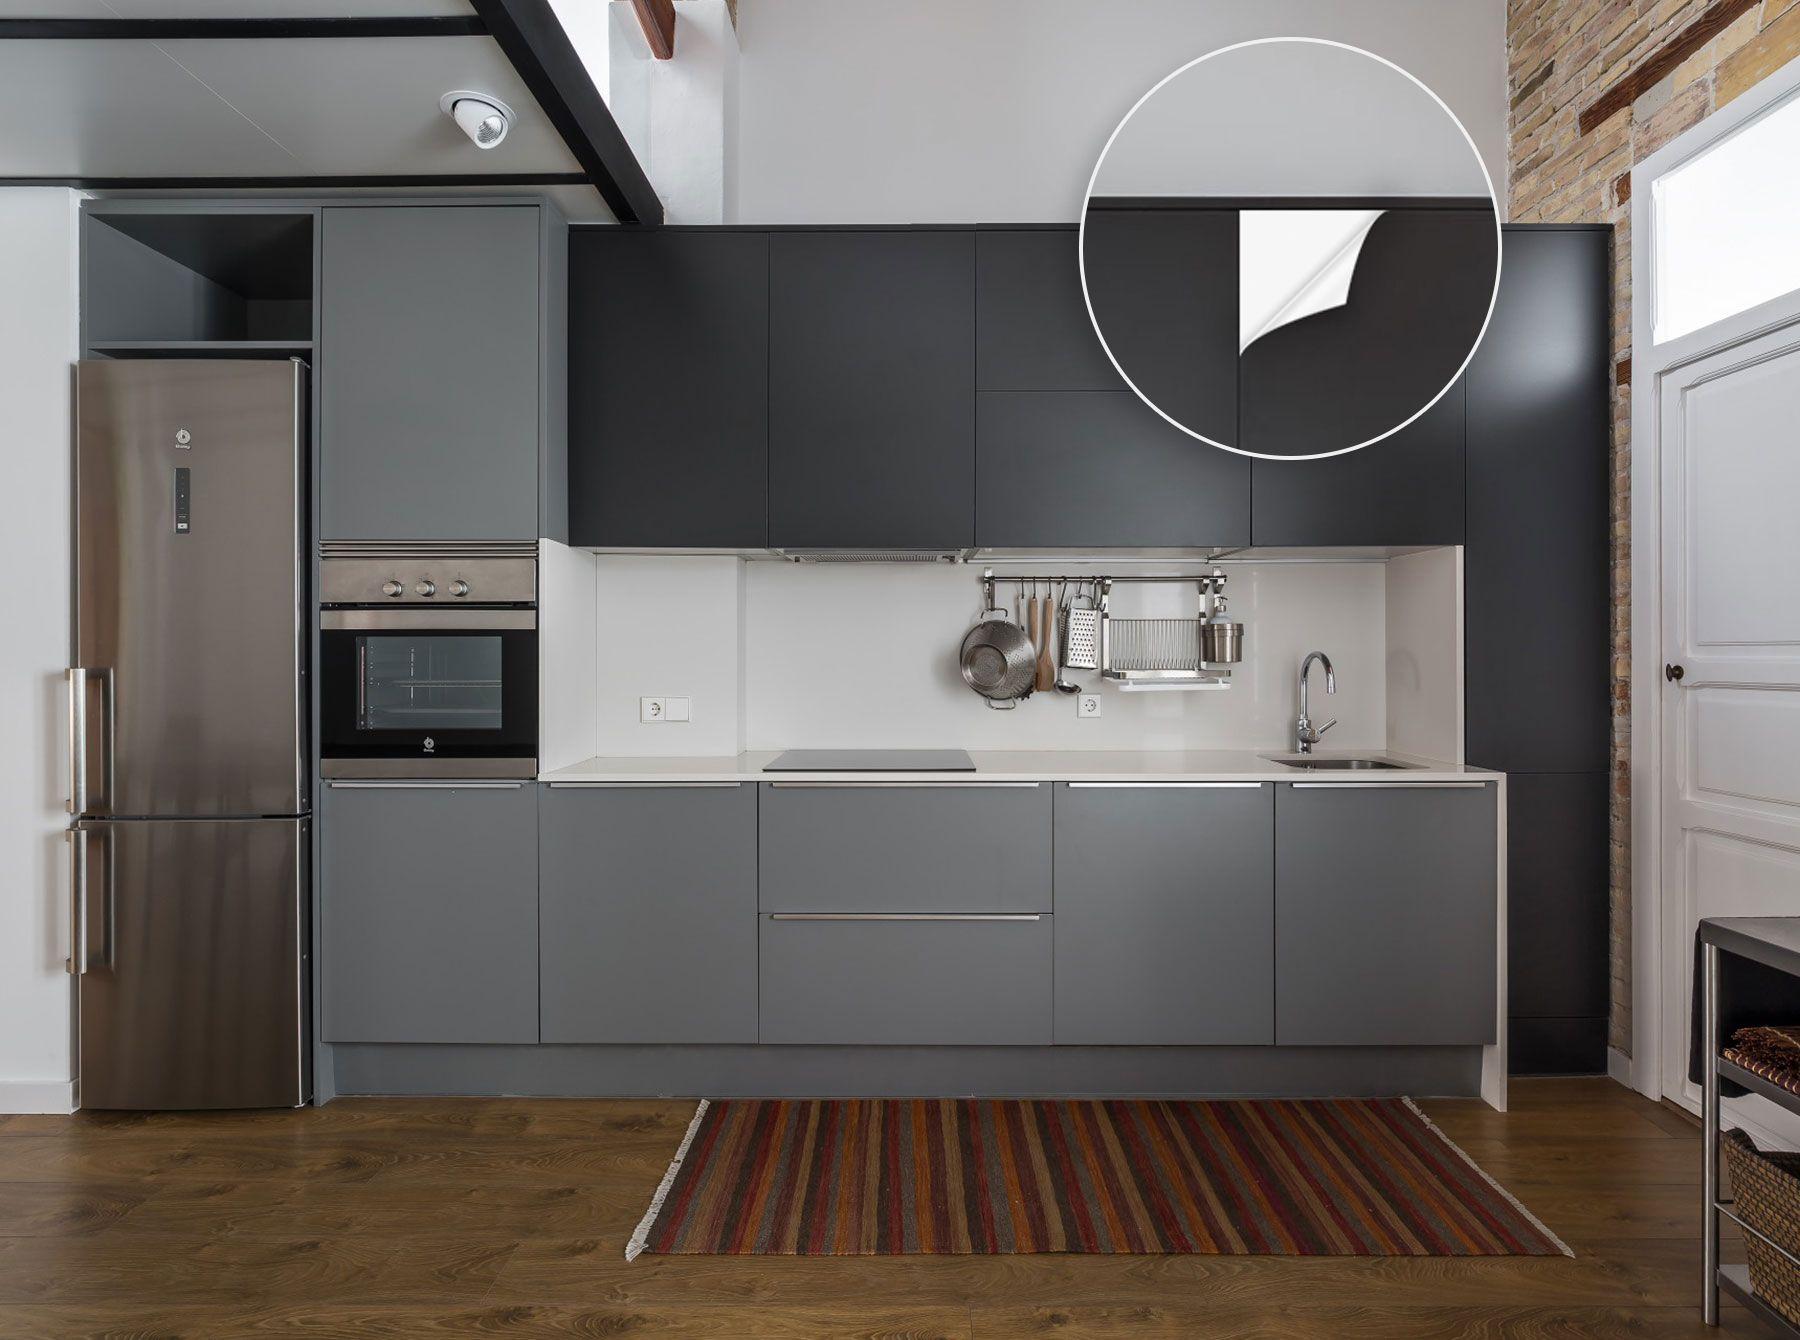 Küchen folieren statt eine neue zu kaufen, die viel Geld kostet ...